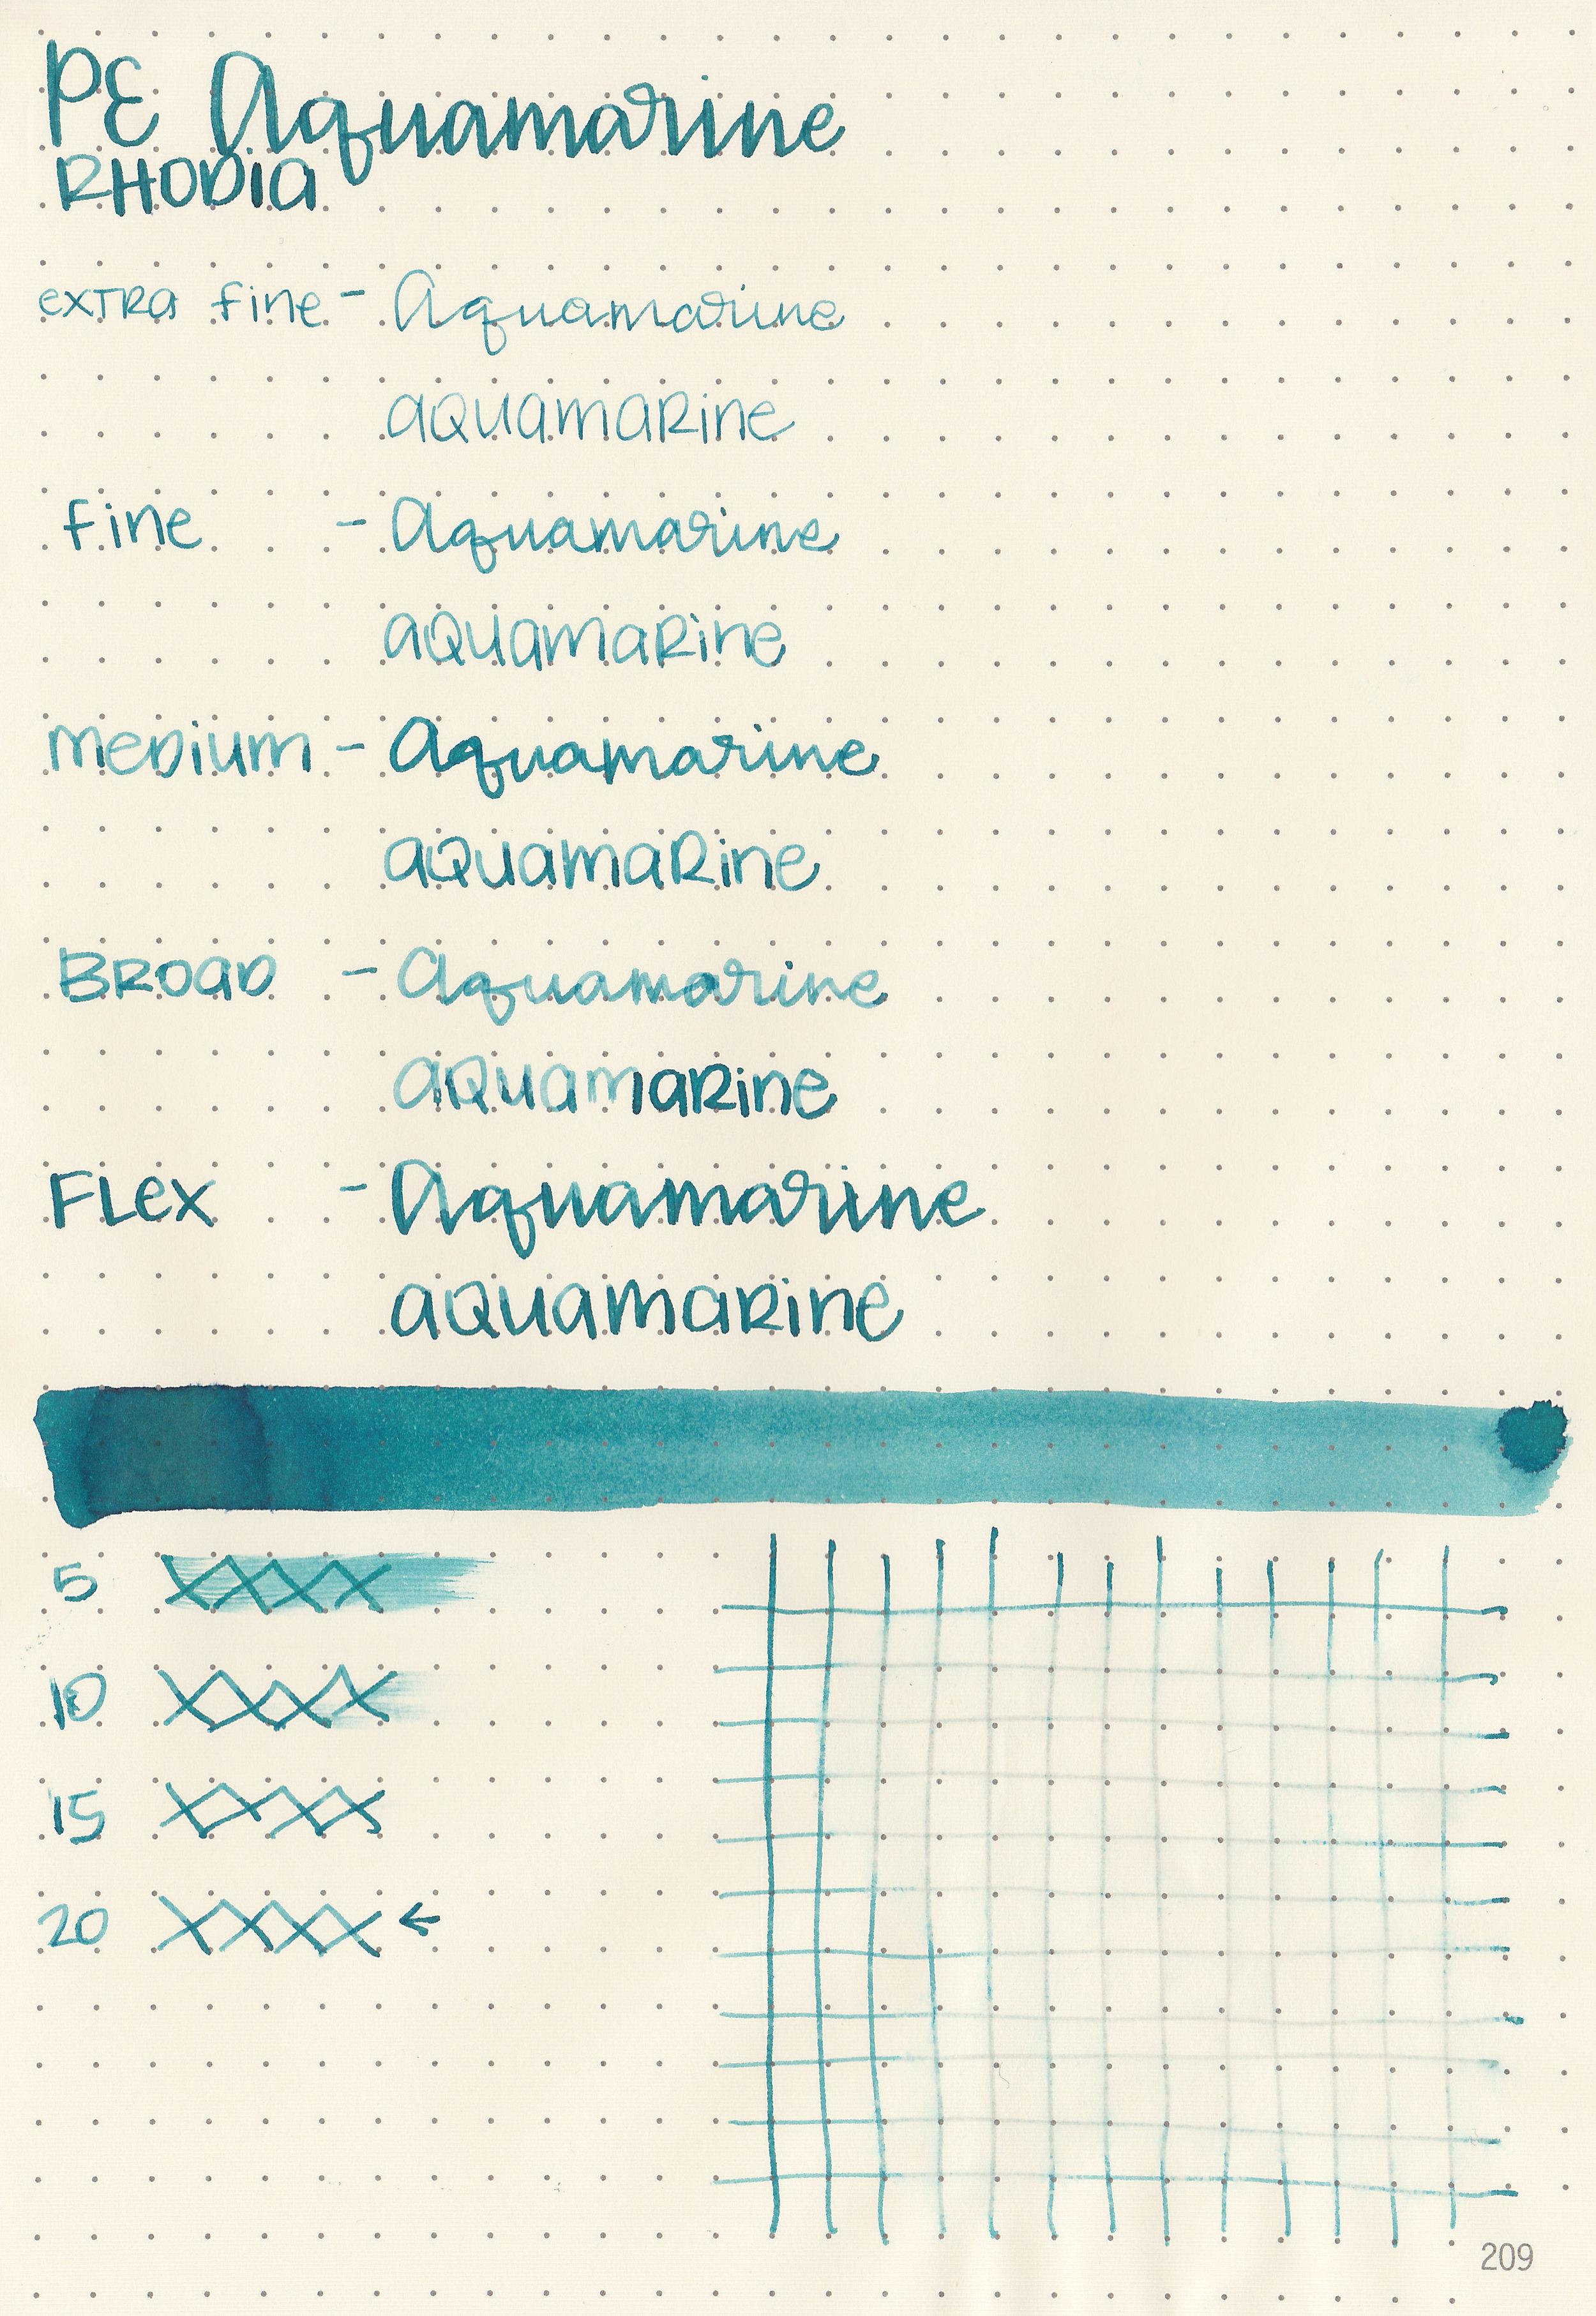 pe-aquamarine-5.jpg